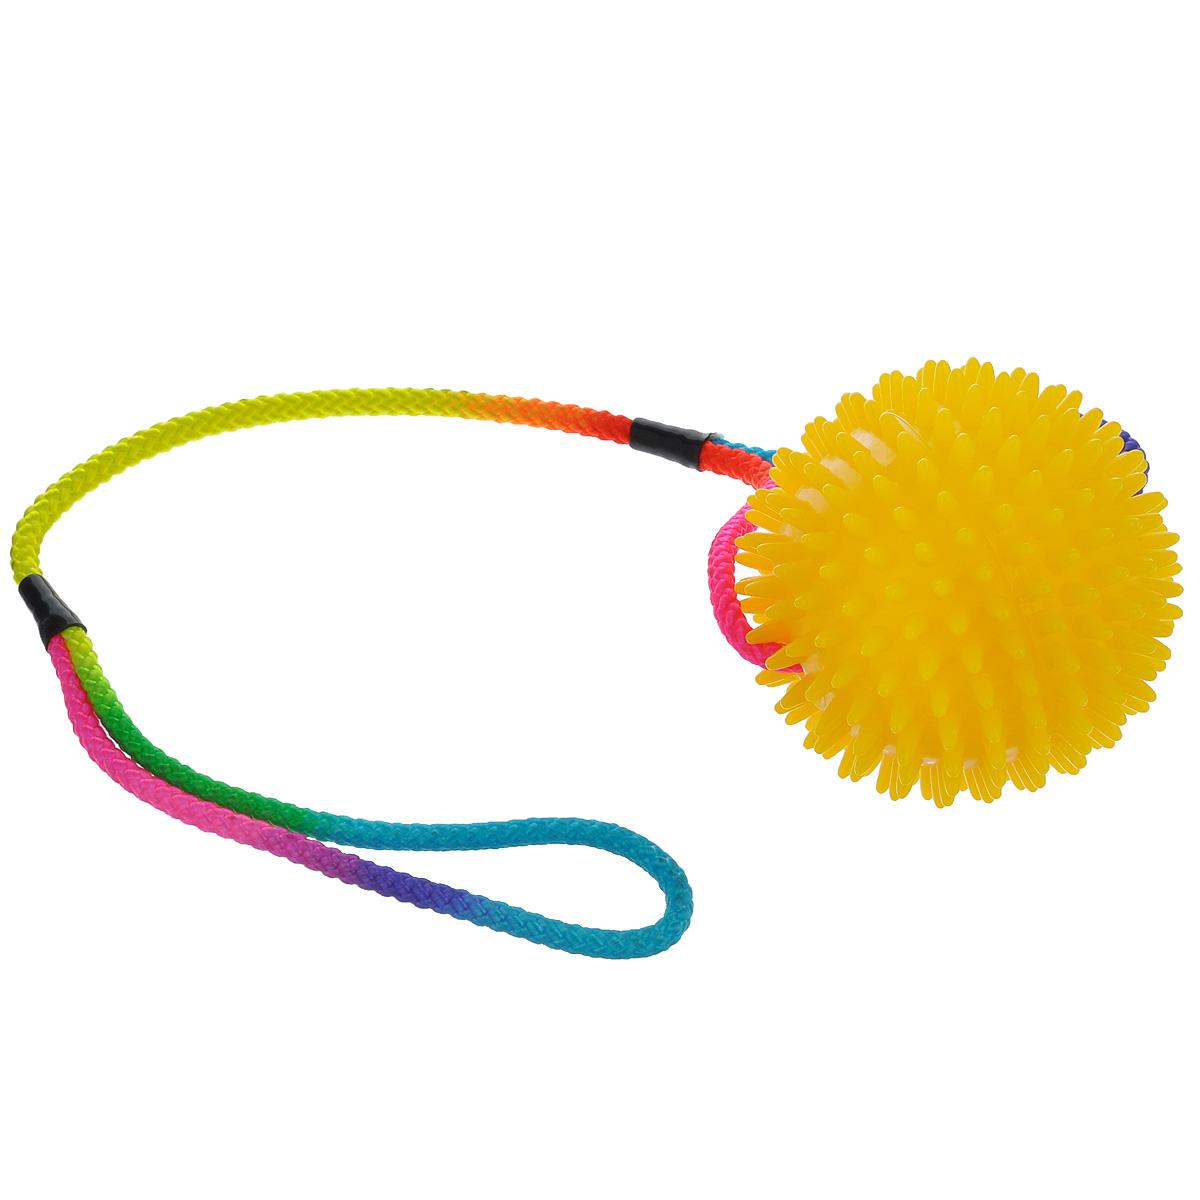 Игрушка для собак V.I.Pet Массажный мяч, на шнуре, цвет: желтый, диаметр 8 см0120710Игрушка для собак V.I.Pet Массажный мяч, изготовленная из ПВХ, предназначена для массажа и самомассажа рефлексогенных зон. Она имеет мягкие закругленные массажные шипы, эффективно массирующие и не травмирующие кожу. Сквозь мяч продет шнур.Игрушка не позволит скучать вашему питомцу ни дома, ни на улице.Диаметр: 8 см.Длина шнура: 50 см.